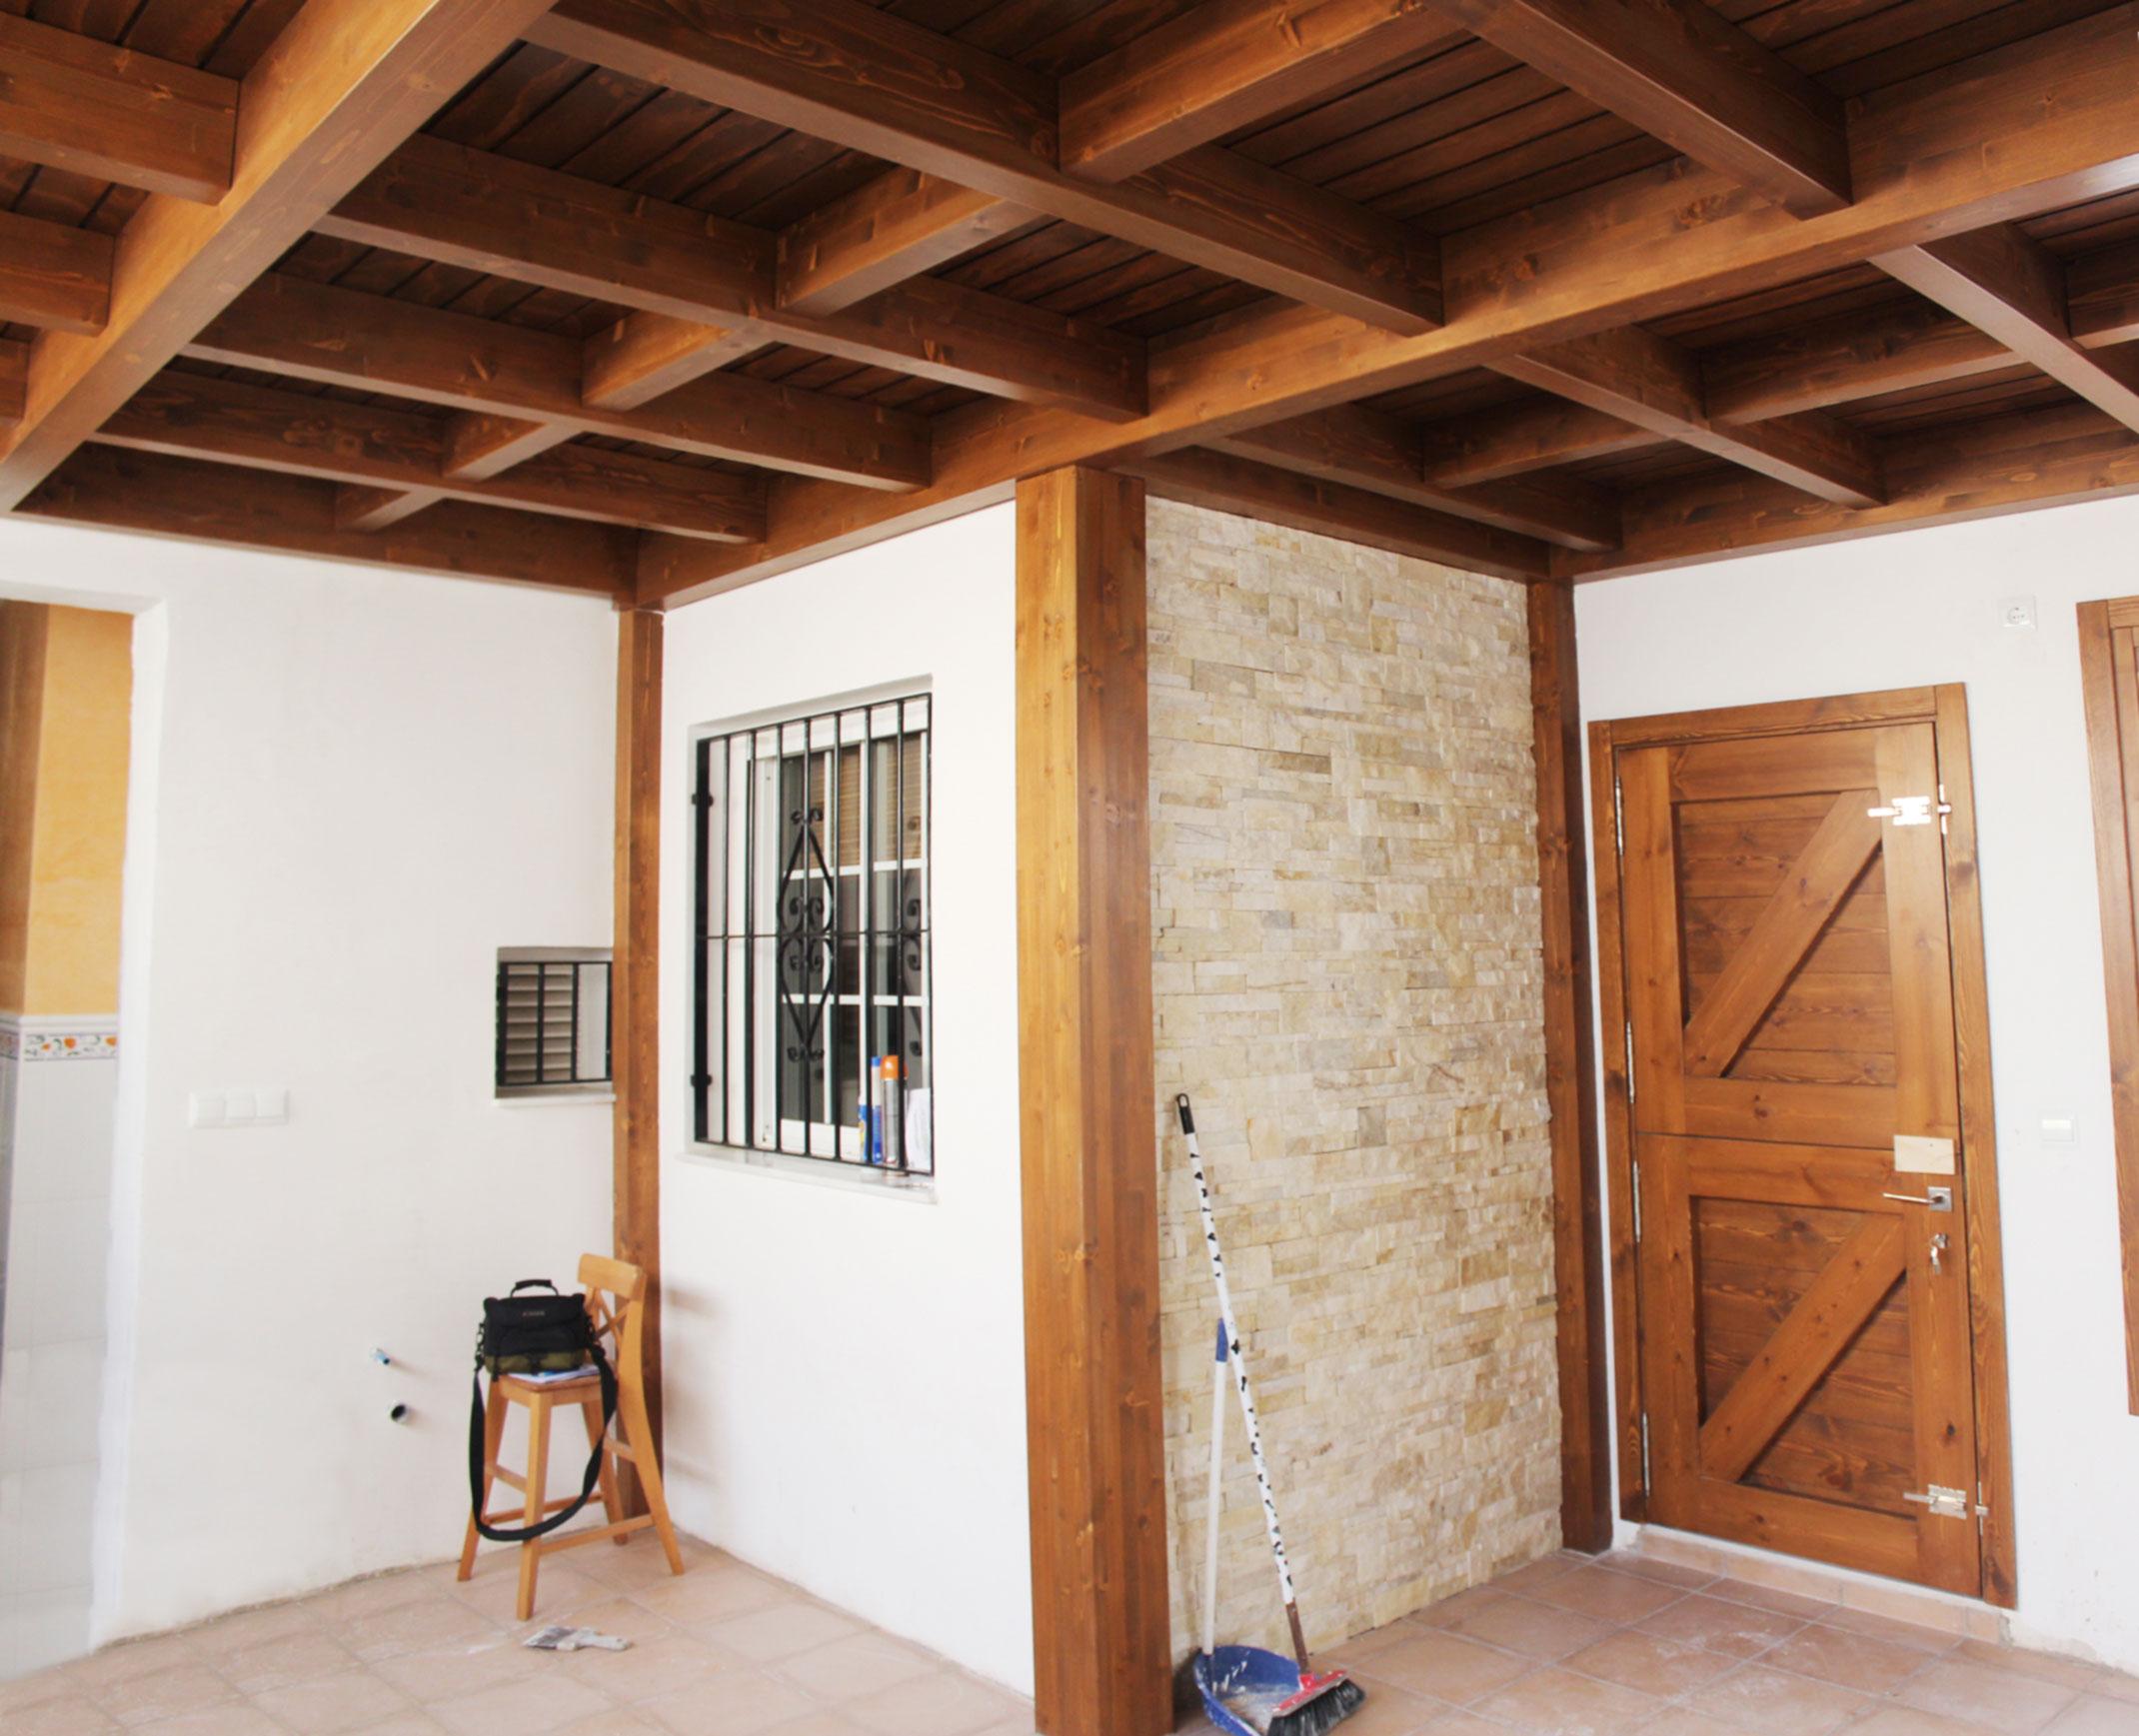 Cerramientos de patios en madera benoit roubaud artesano - Cerramiento de patios ...